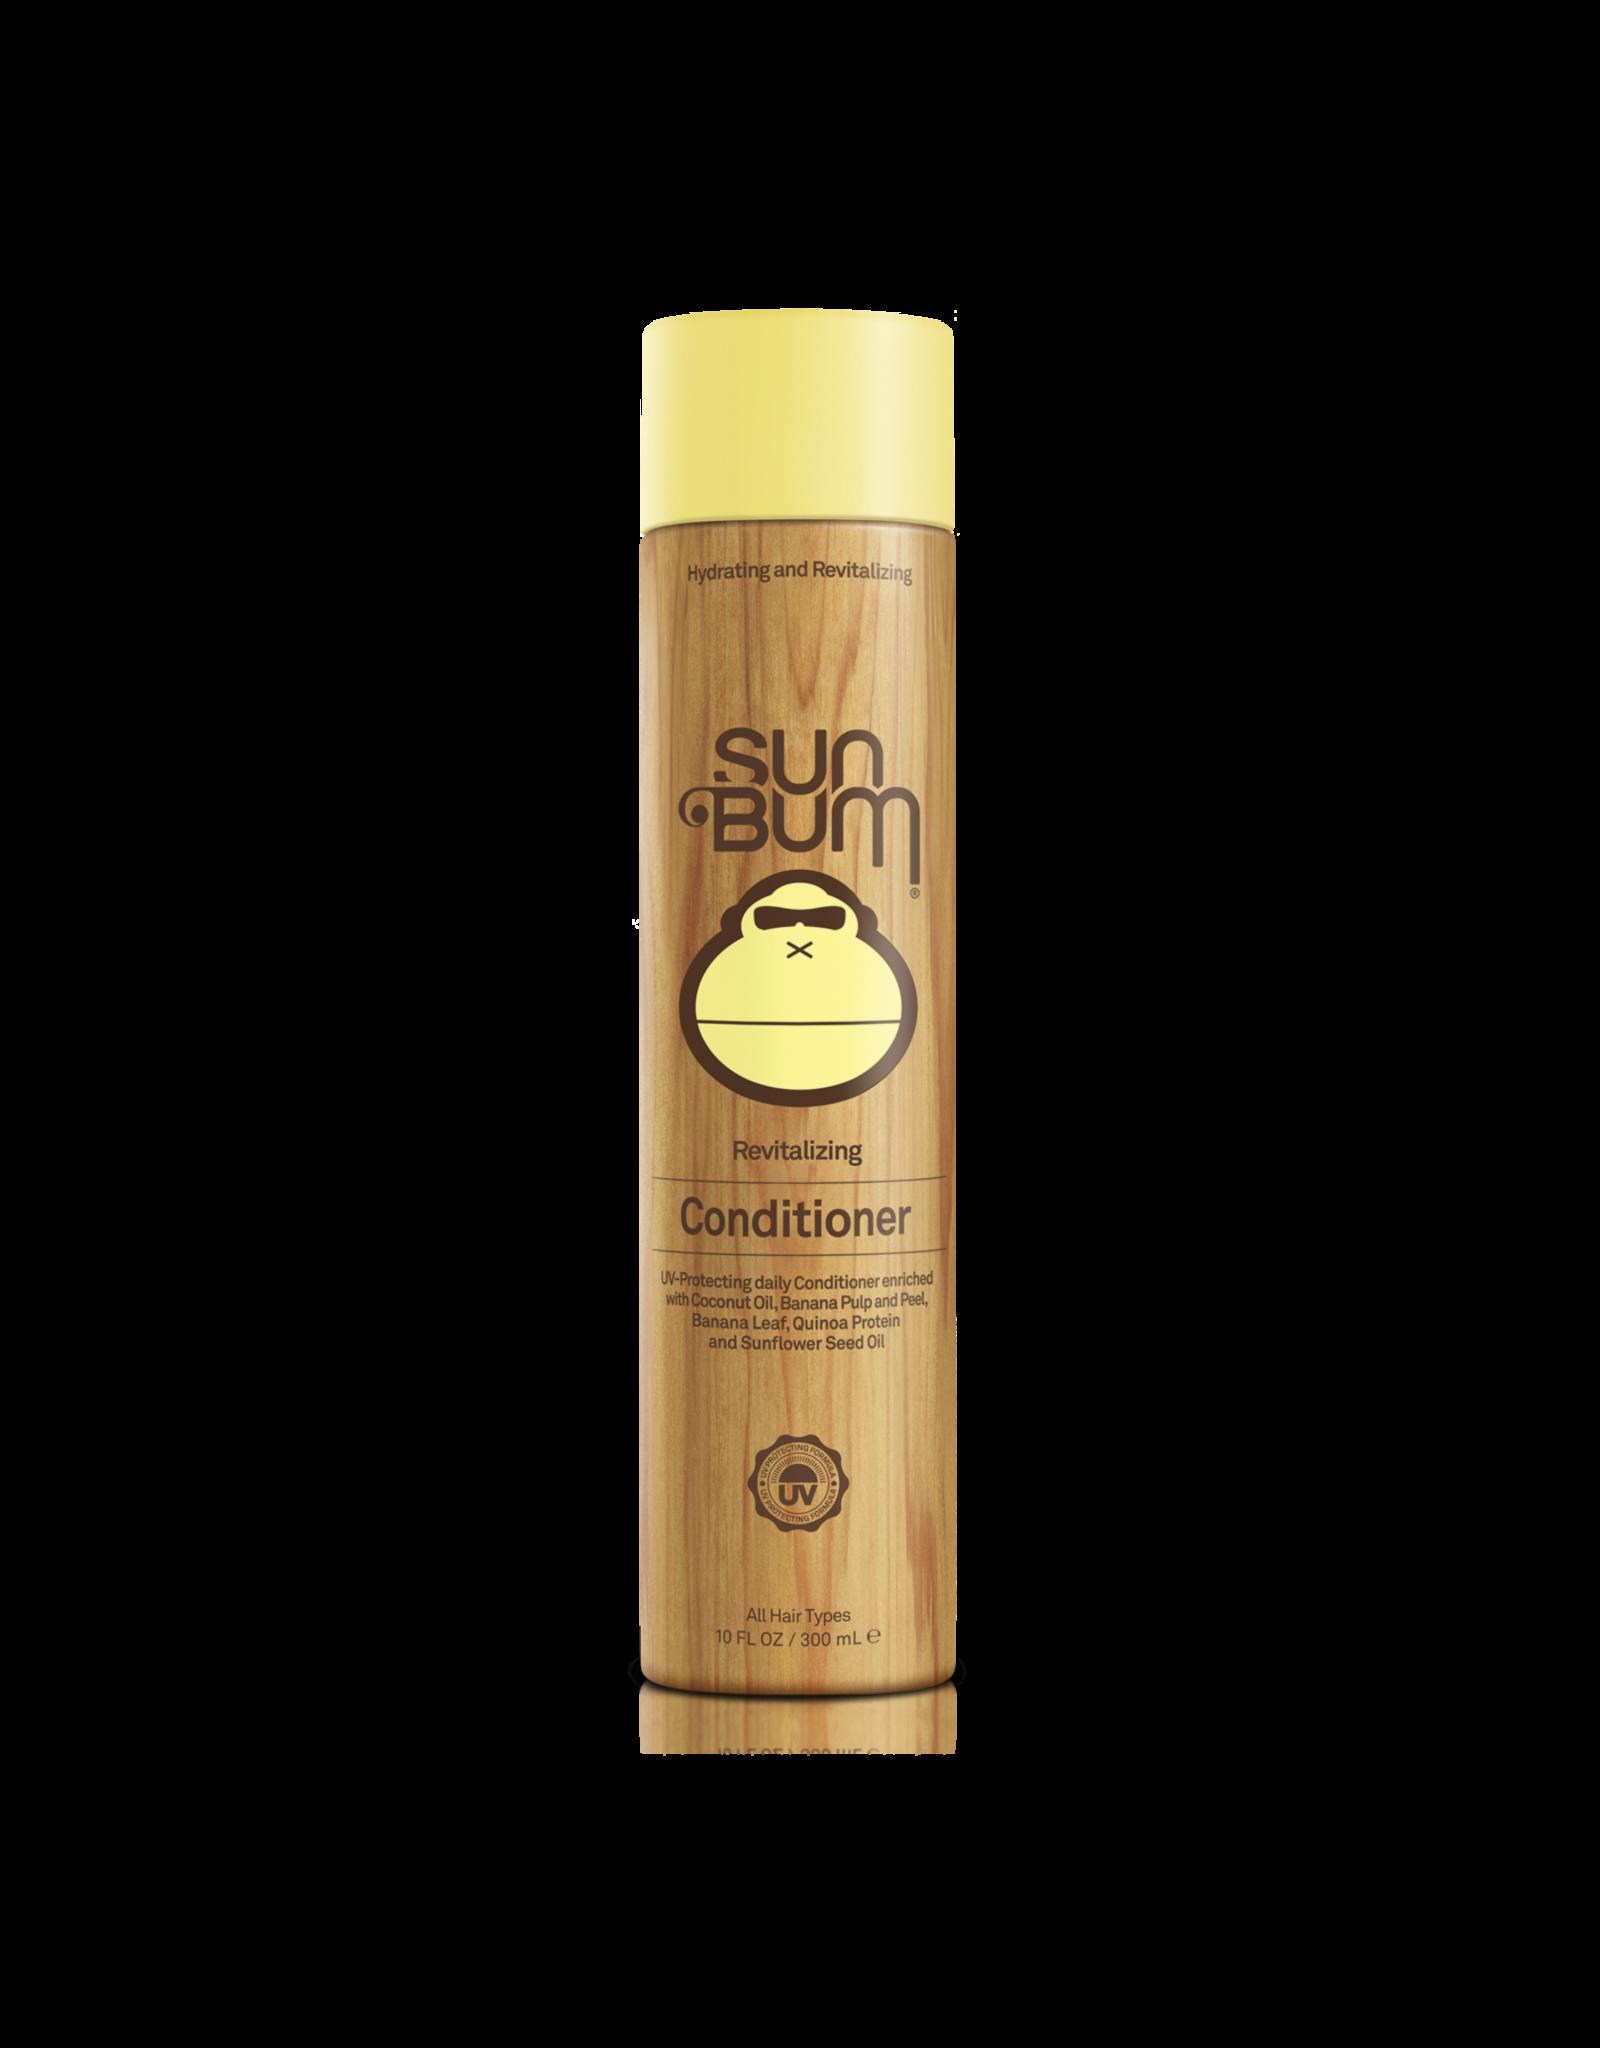 SUN BUM Conditioner 10.0 oz